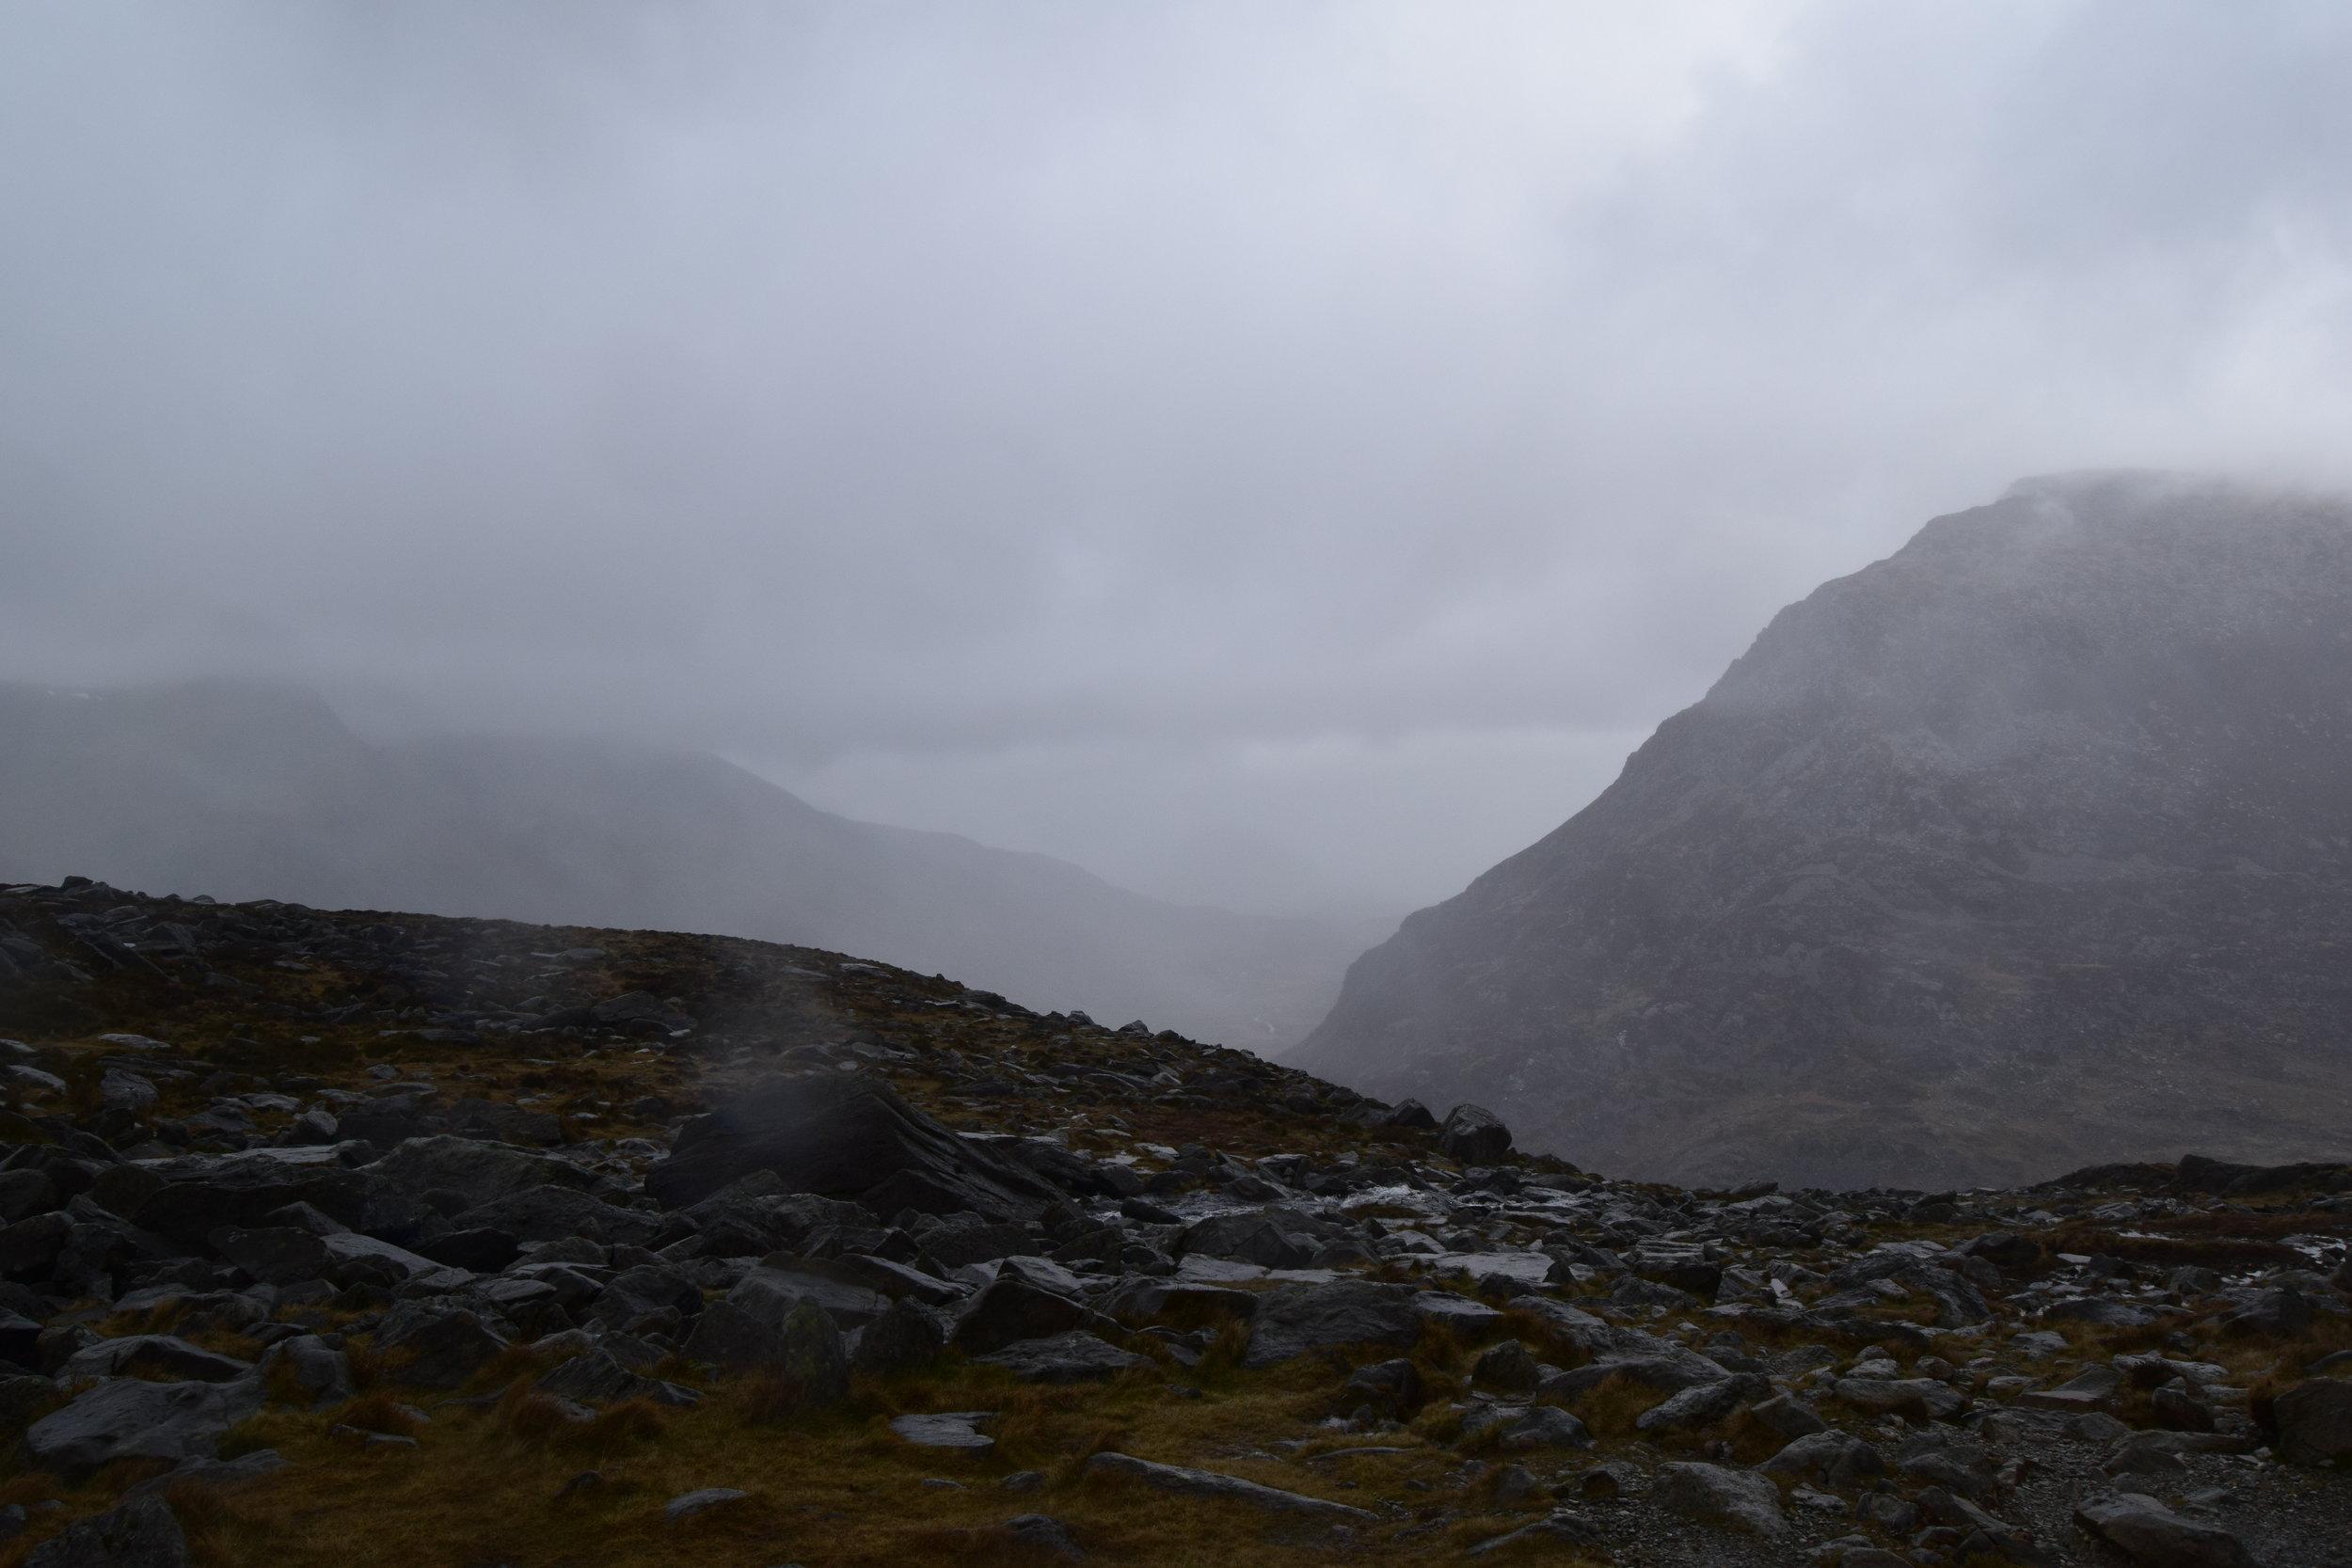 Our first trip to Llyn Bochlwyd was very wet!